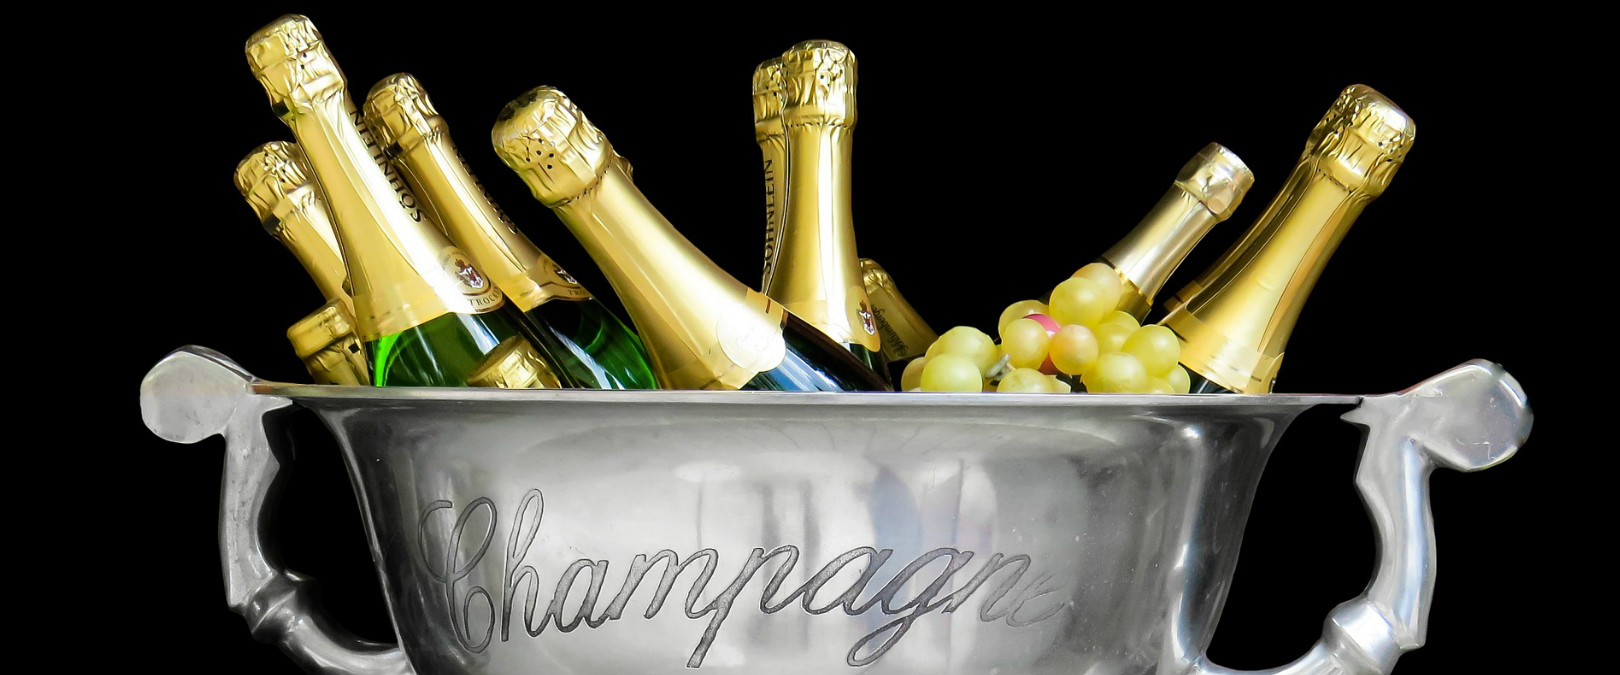 Champagne au patrimoine de l'Unesco : Oenotourisme